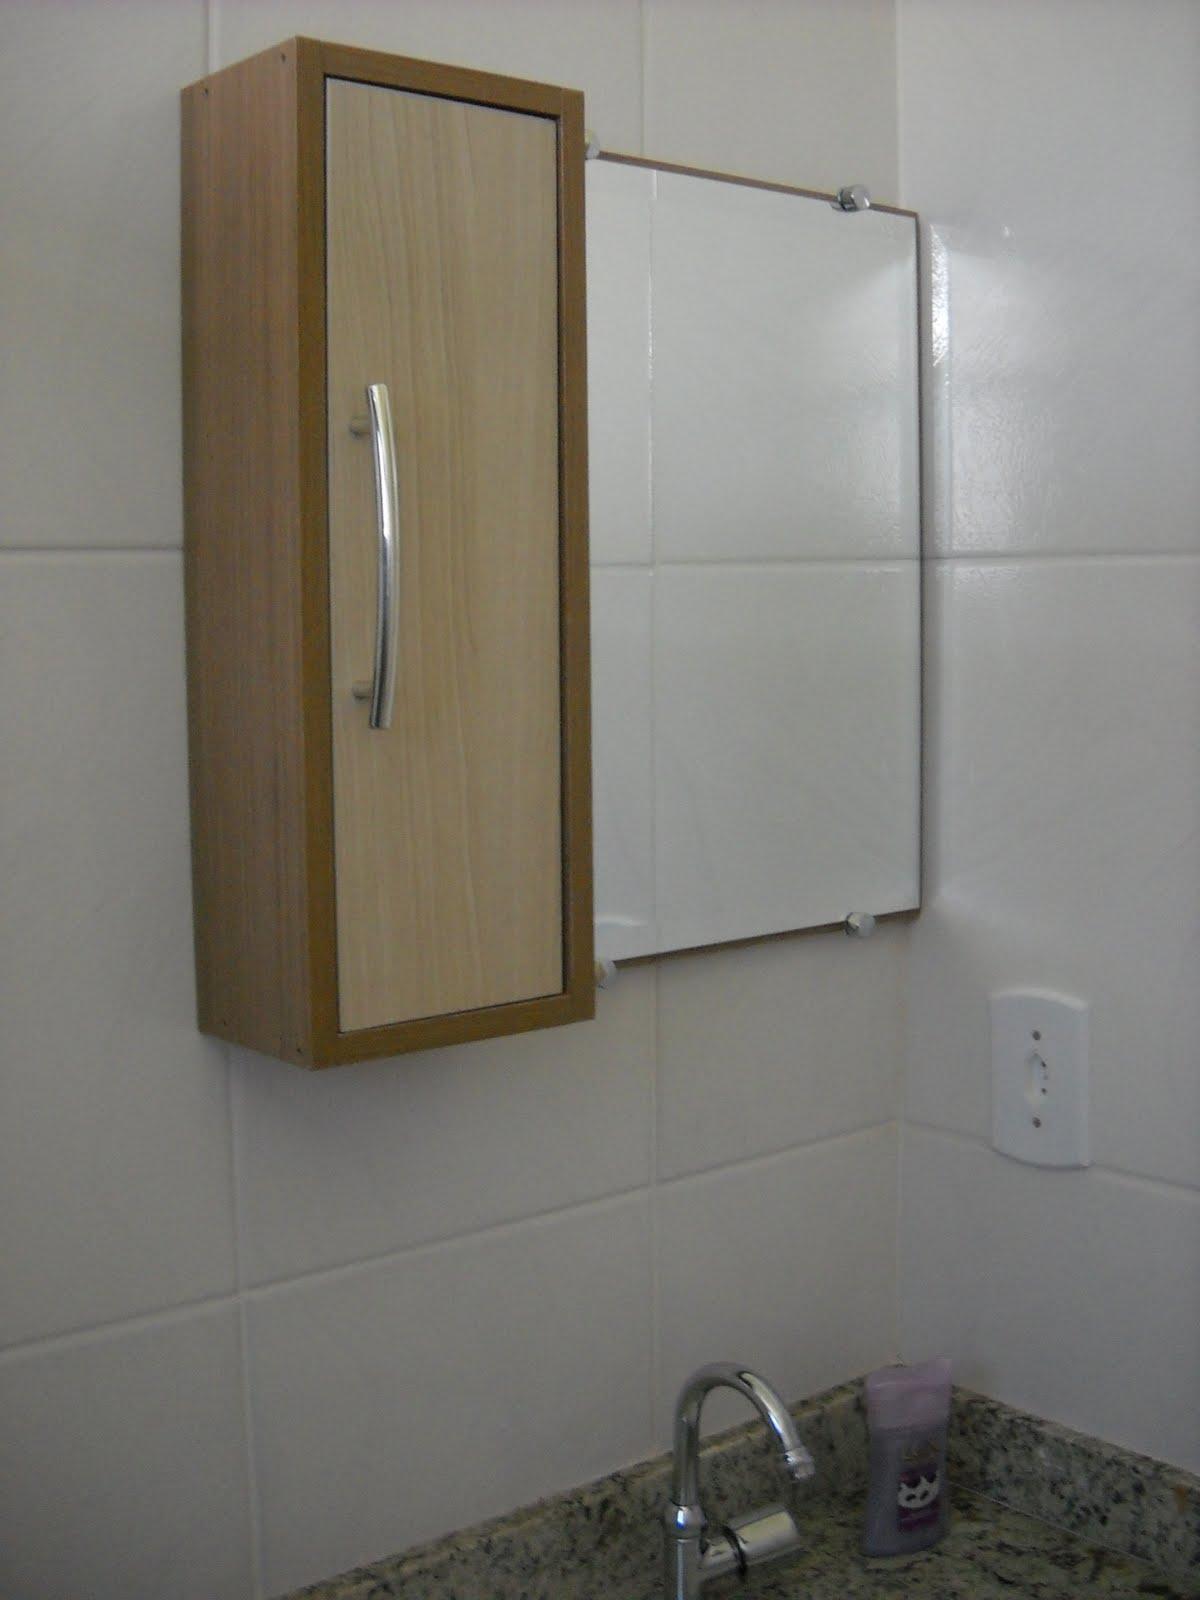 FR Design Móveis planejados: Armário com espelho para banheiro. #5D4B34 1200 1600